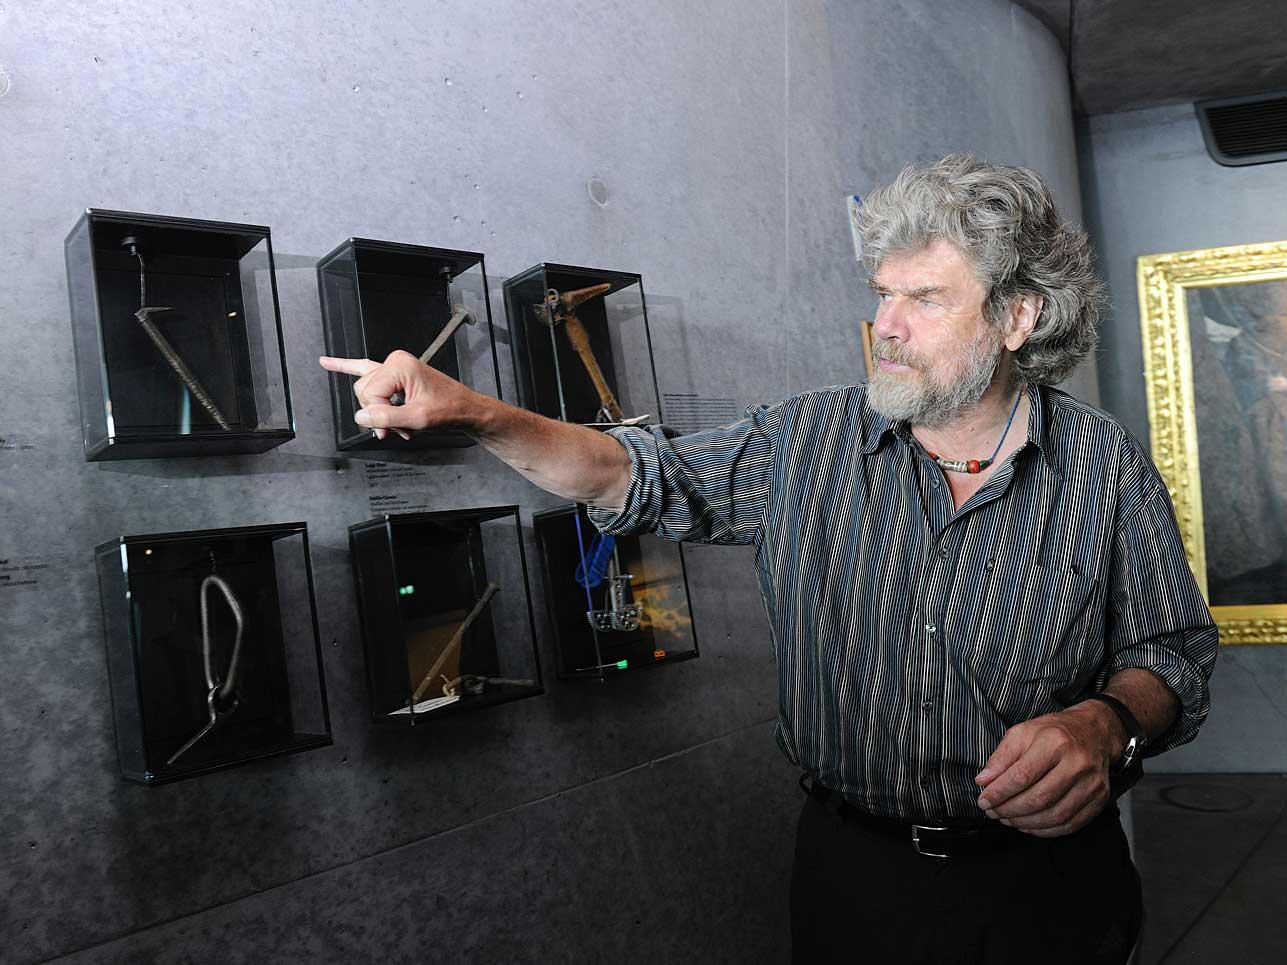 Im MMM Corones geht es um den traditionellen Alpinismus, der und den Reinhold Messner entscheidend geprägt hat.